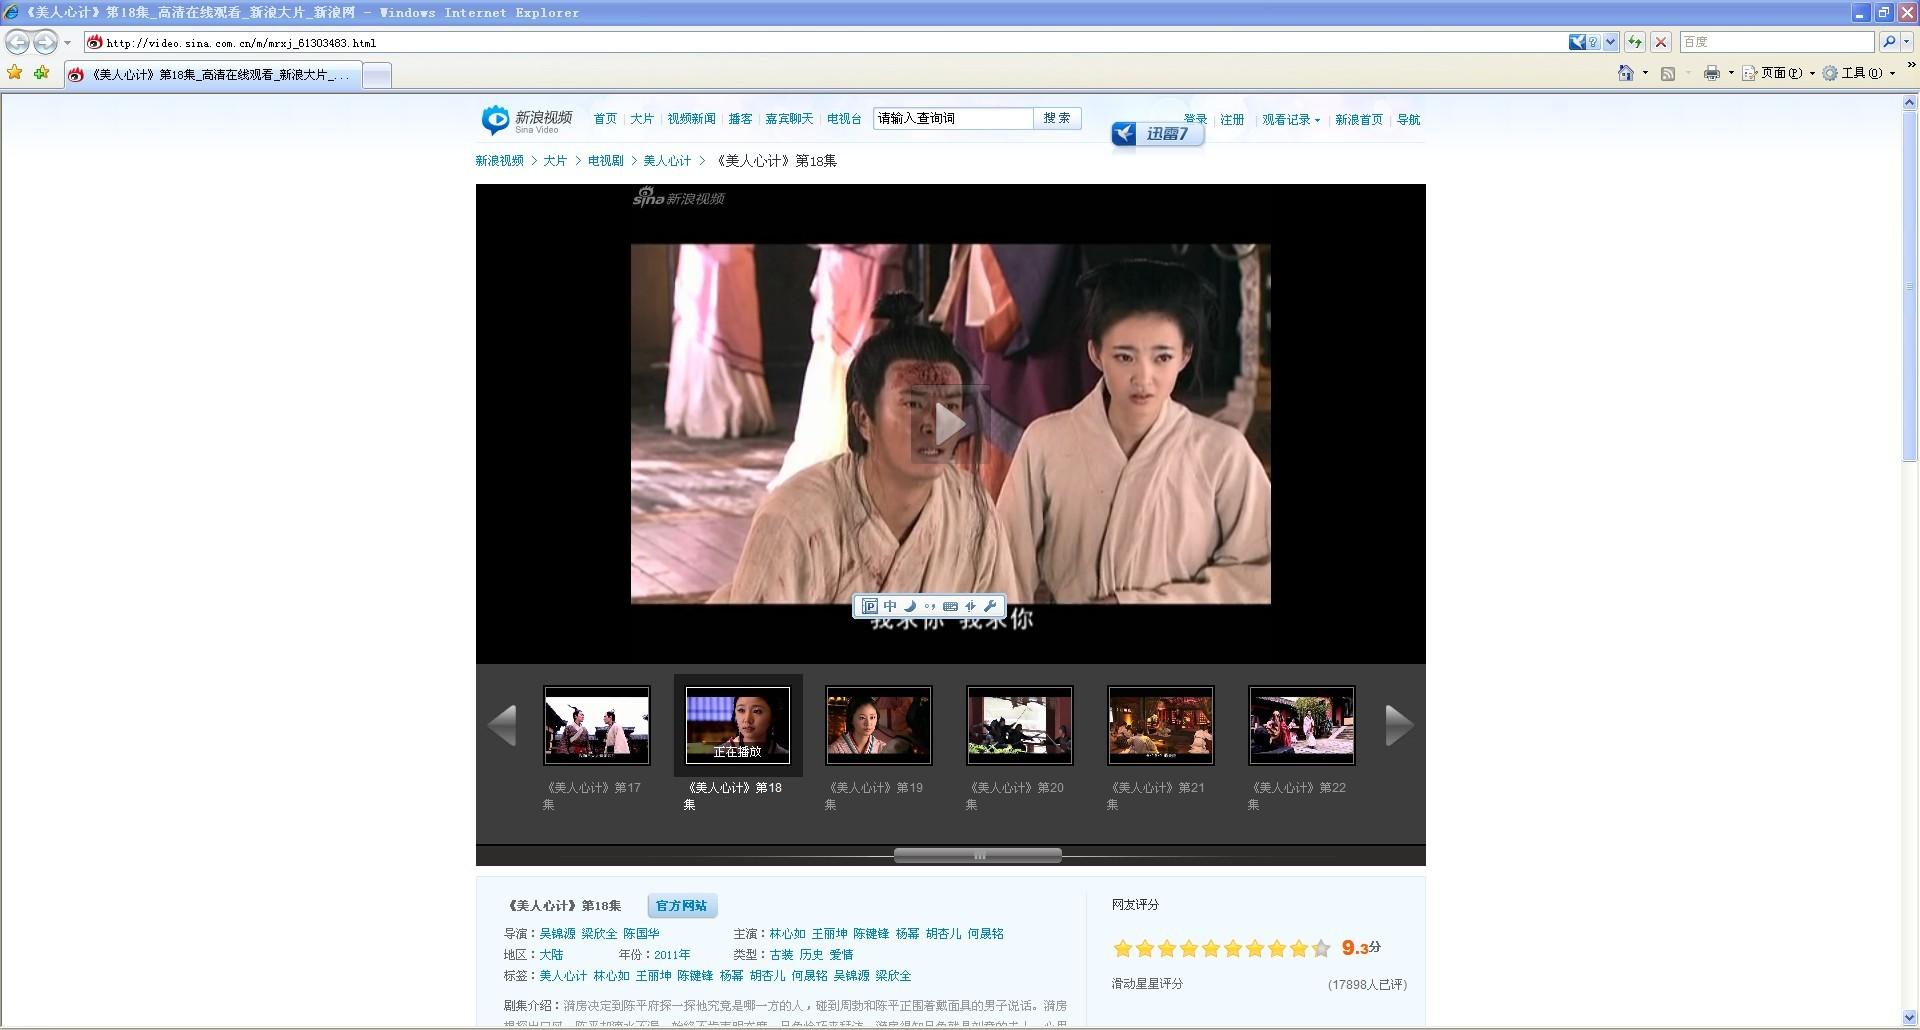 迅雷看看_为什么在网页中看电影有一道竖线,在迅雷看看播放器上